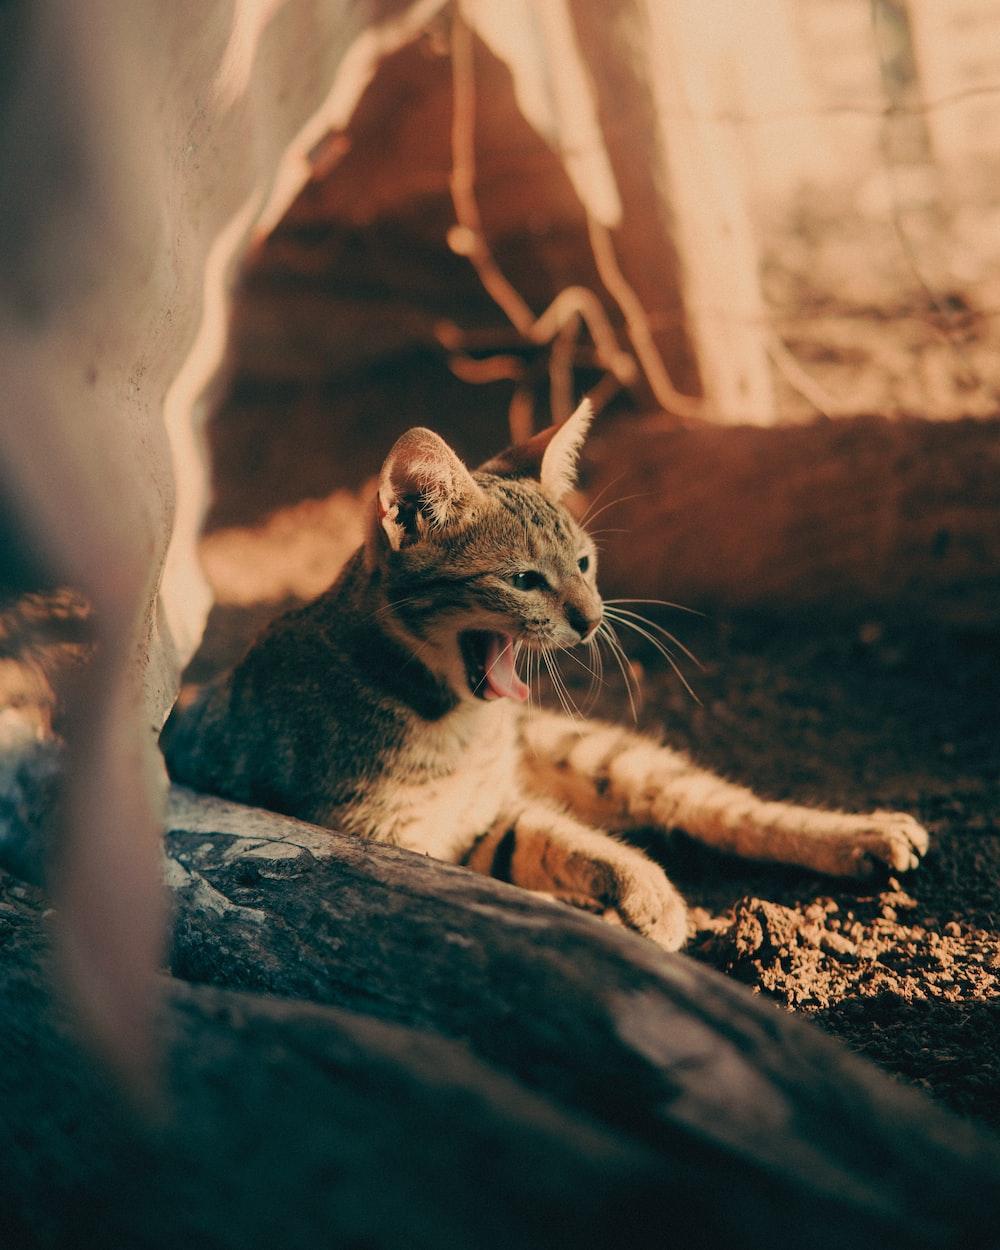 brown tabby cat on brown soil